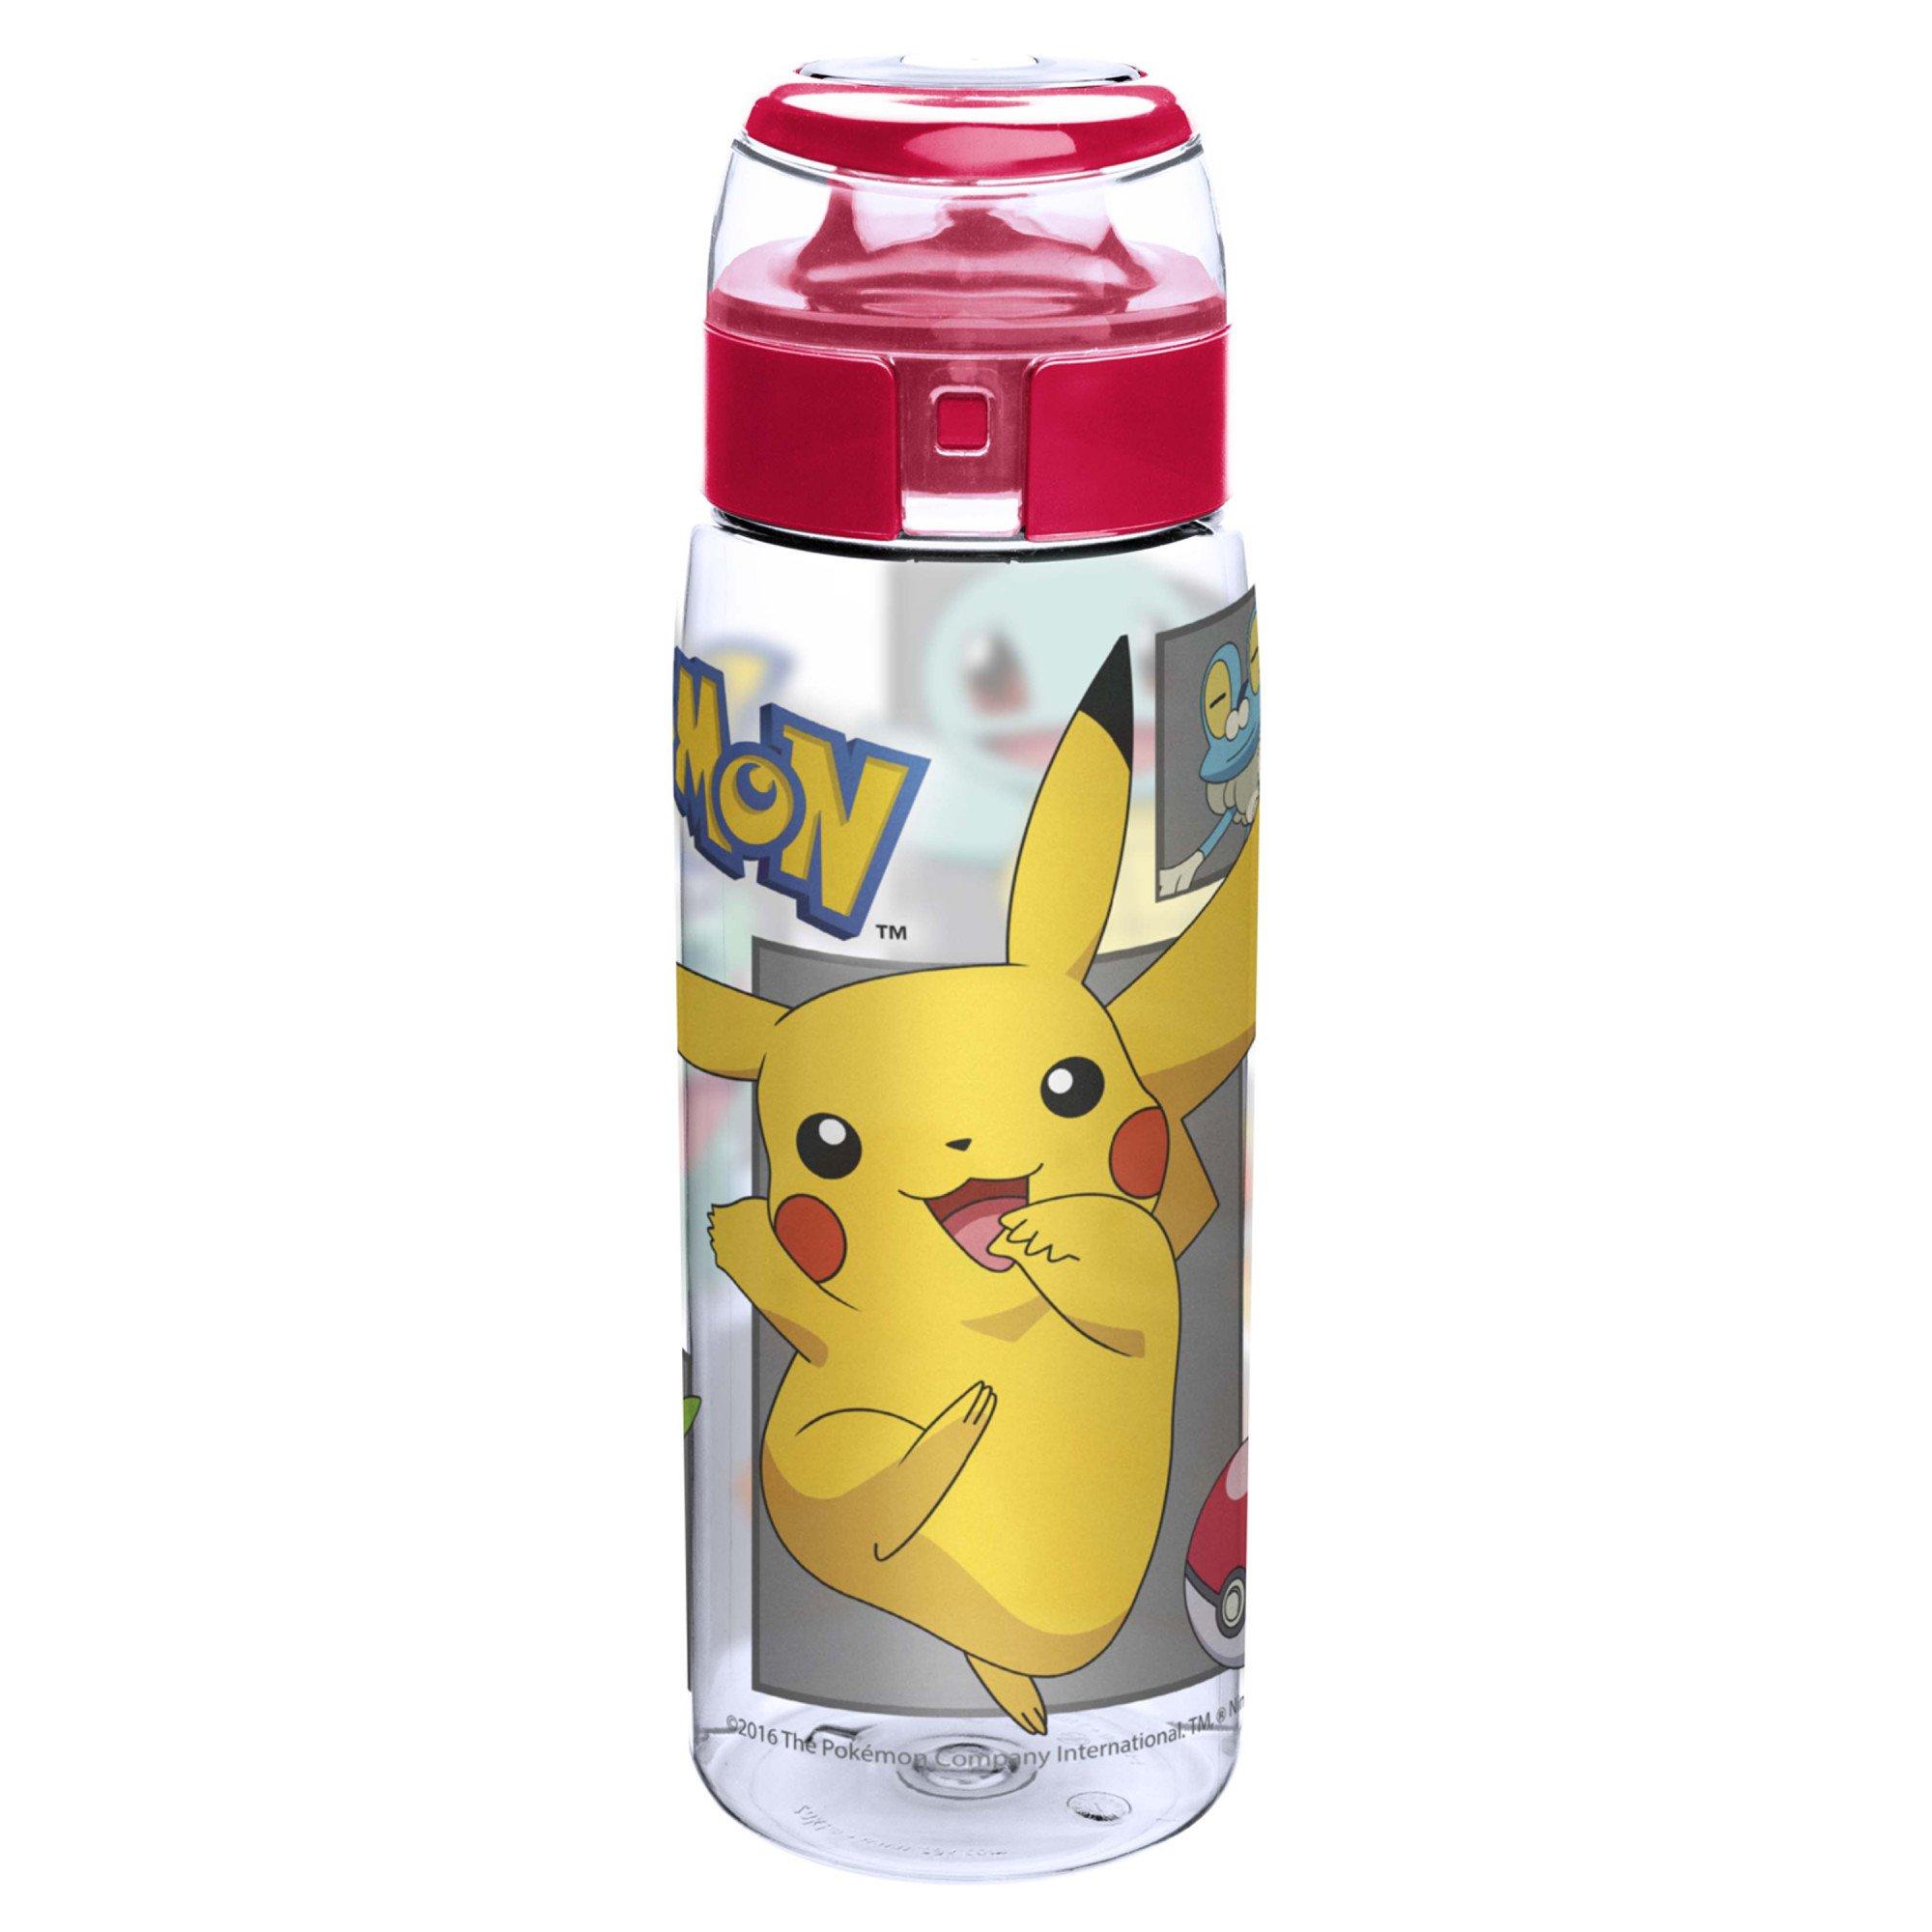 Pokemon POKC-K952 Pikachu Water Bottles 25 oz. by Zak Designs